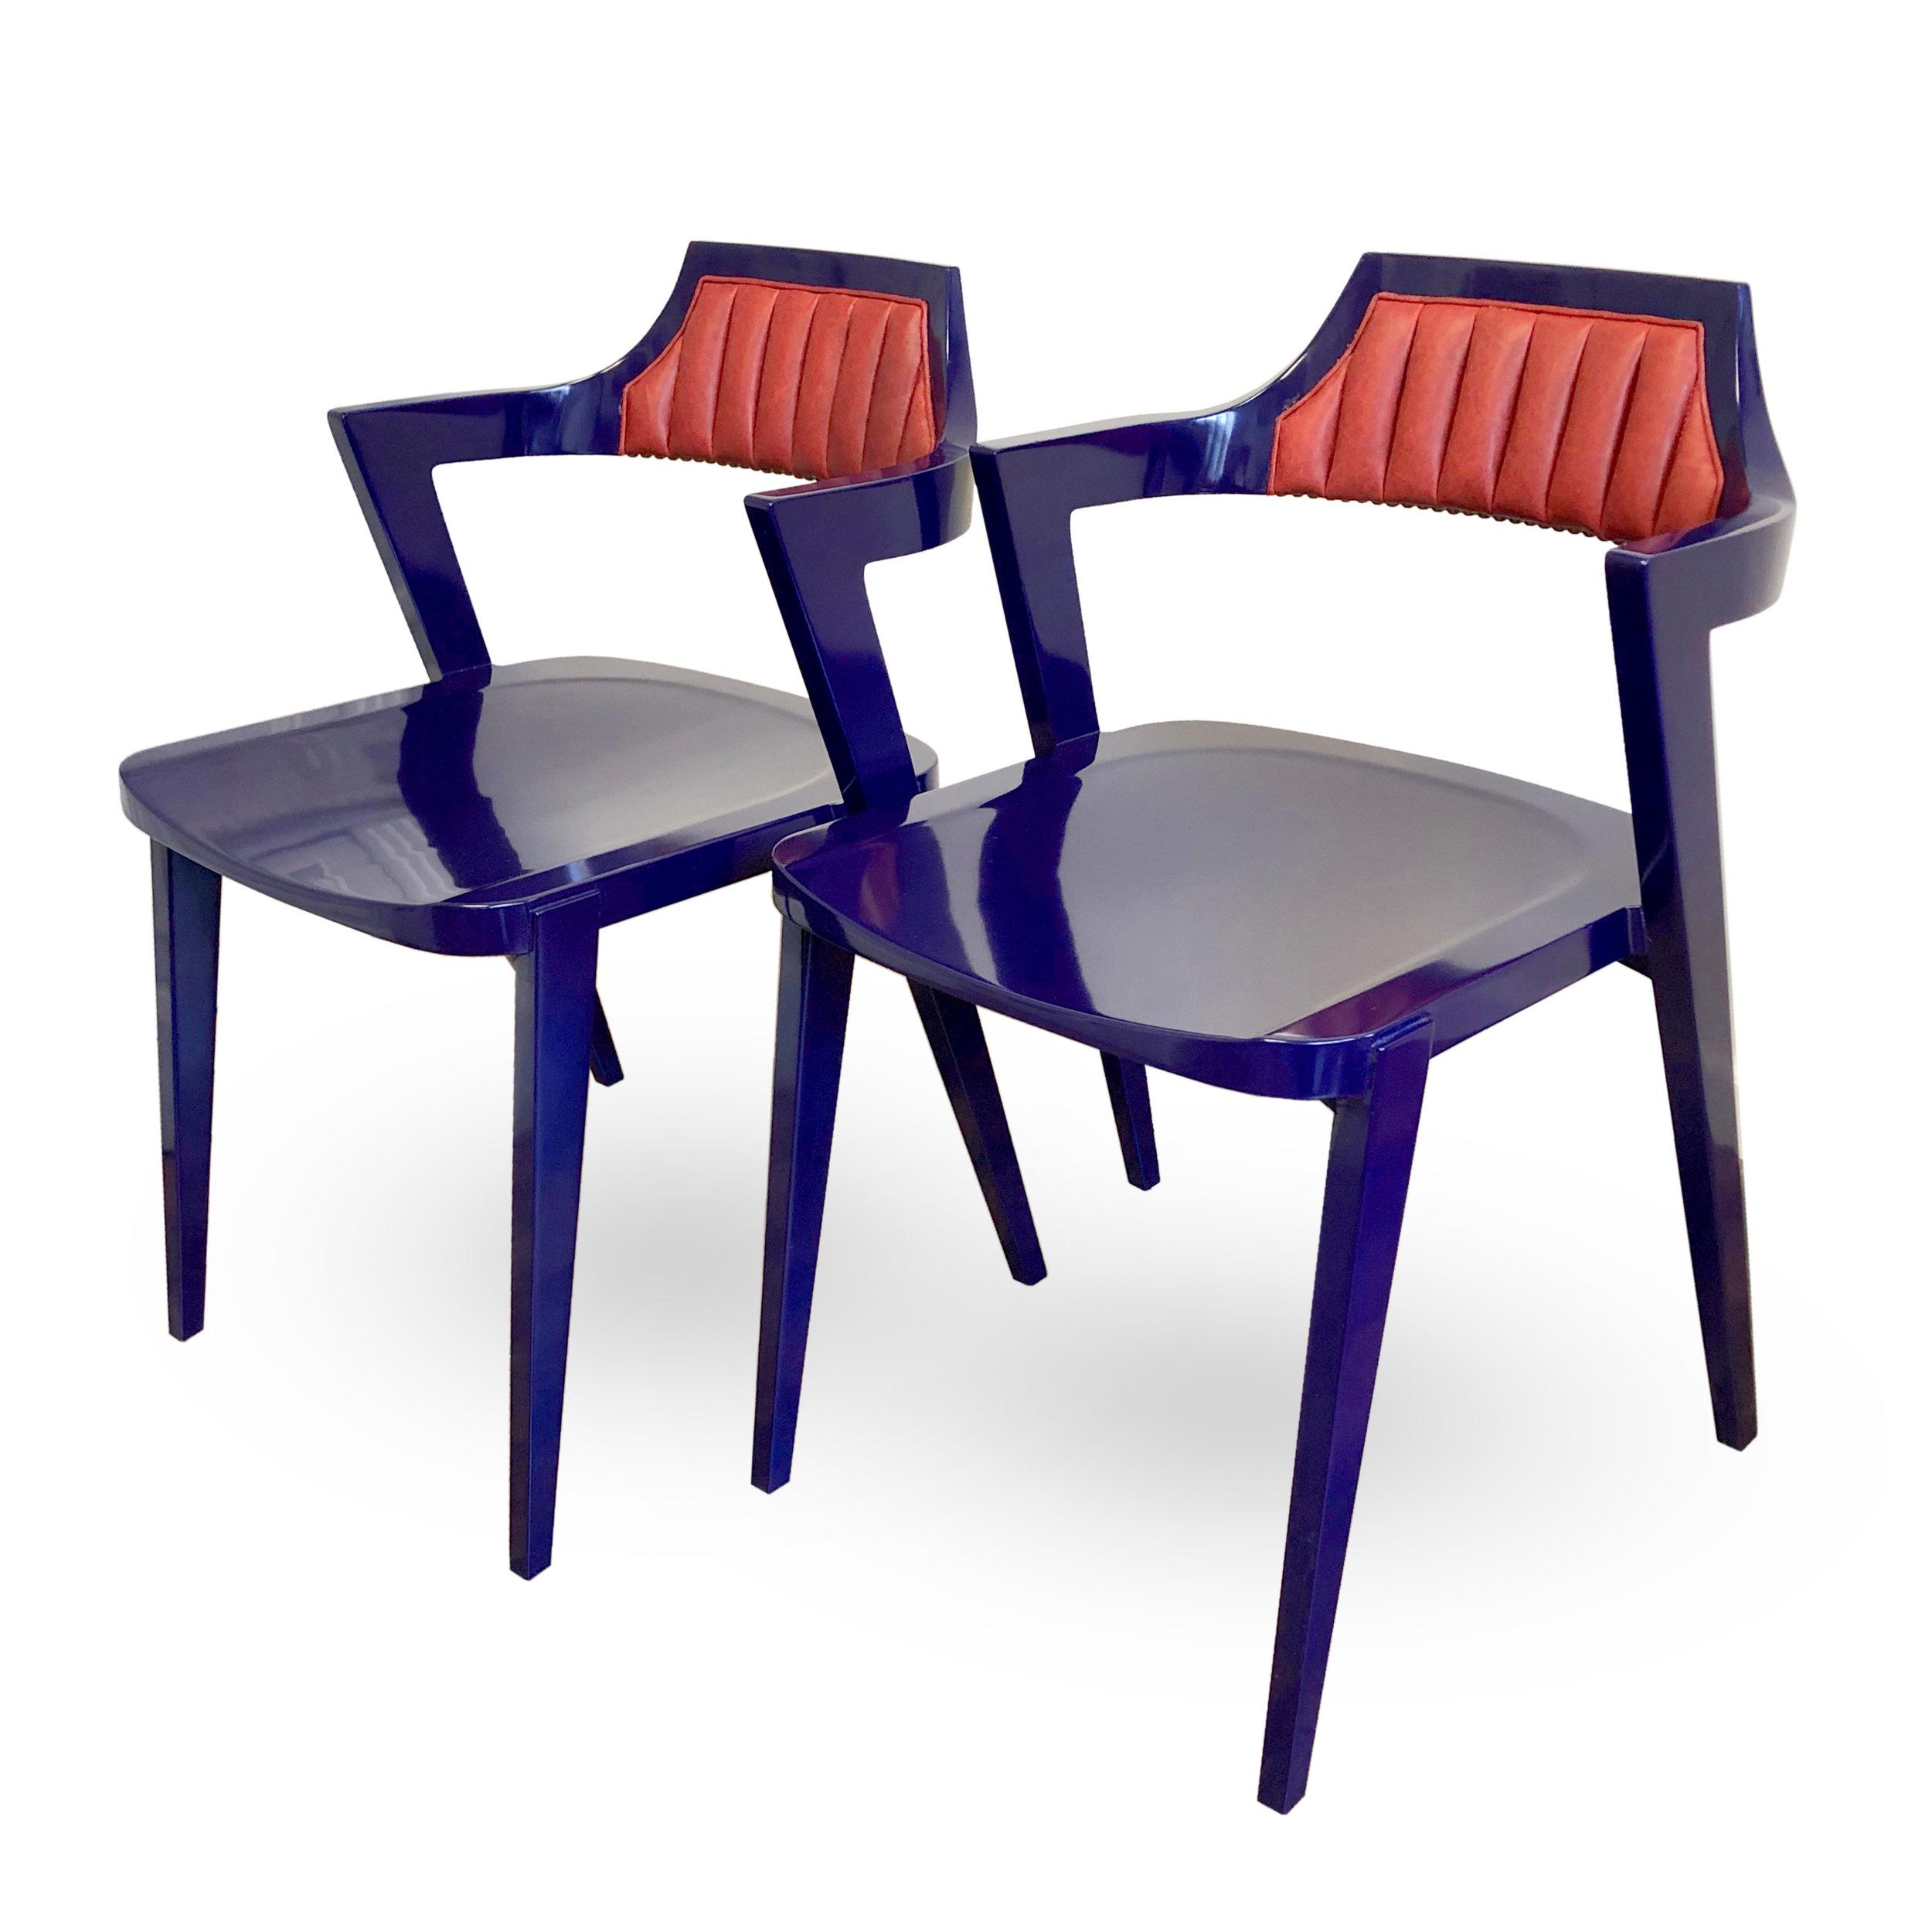 R813-ink-blue-stalking-chair-PAIR-1.jpg